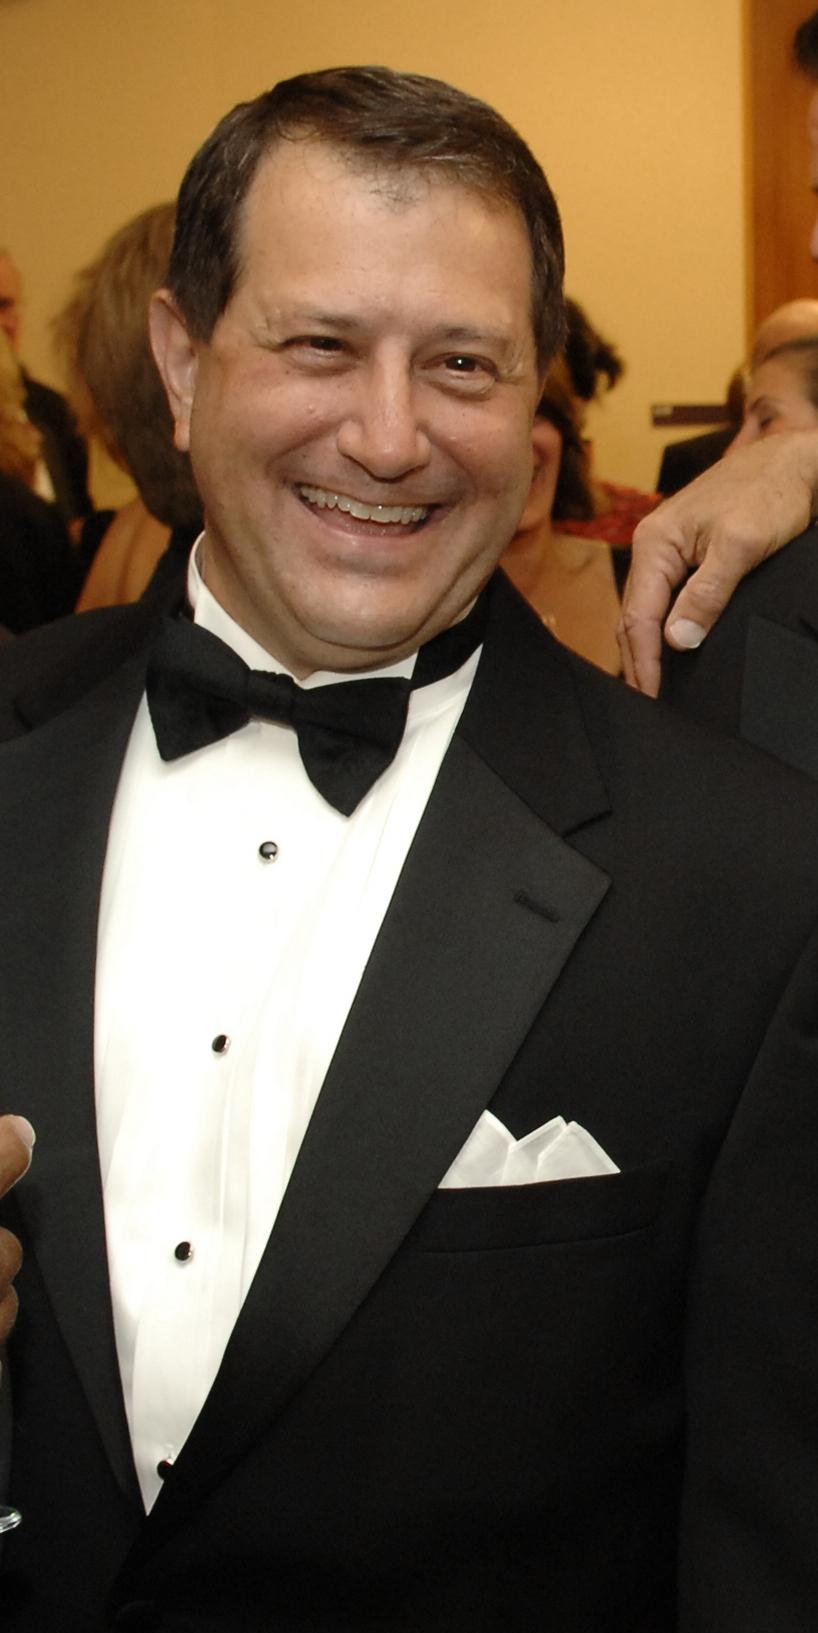 Joseph Morelle 2009.jpg